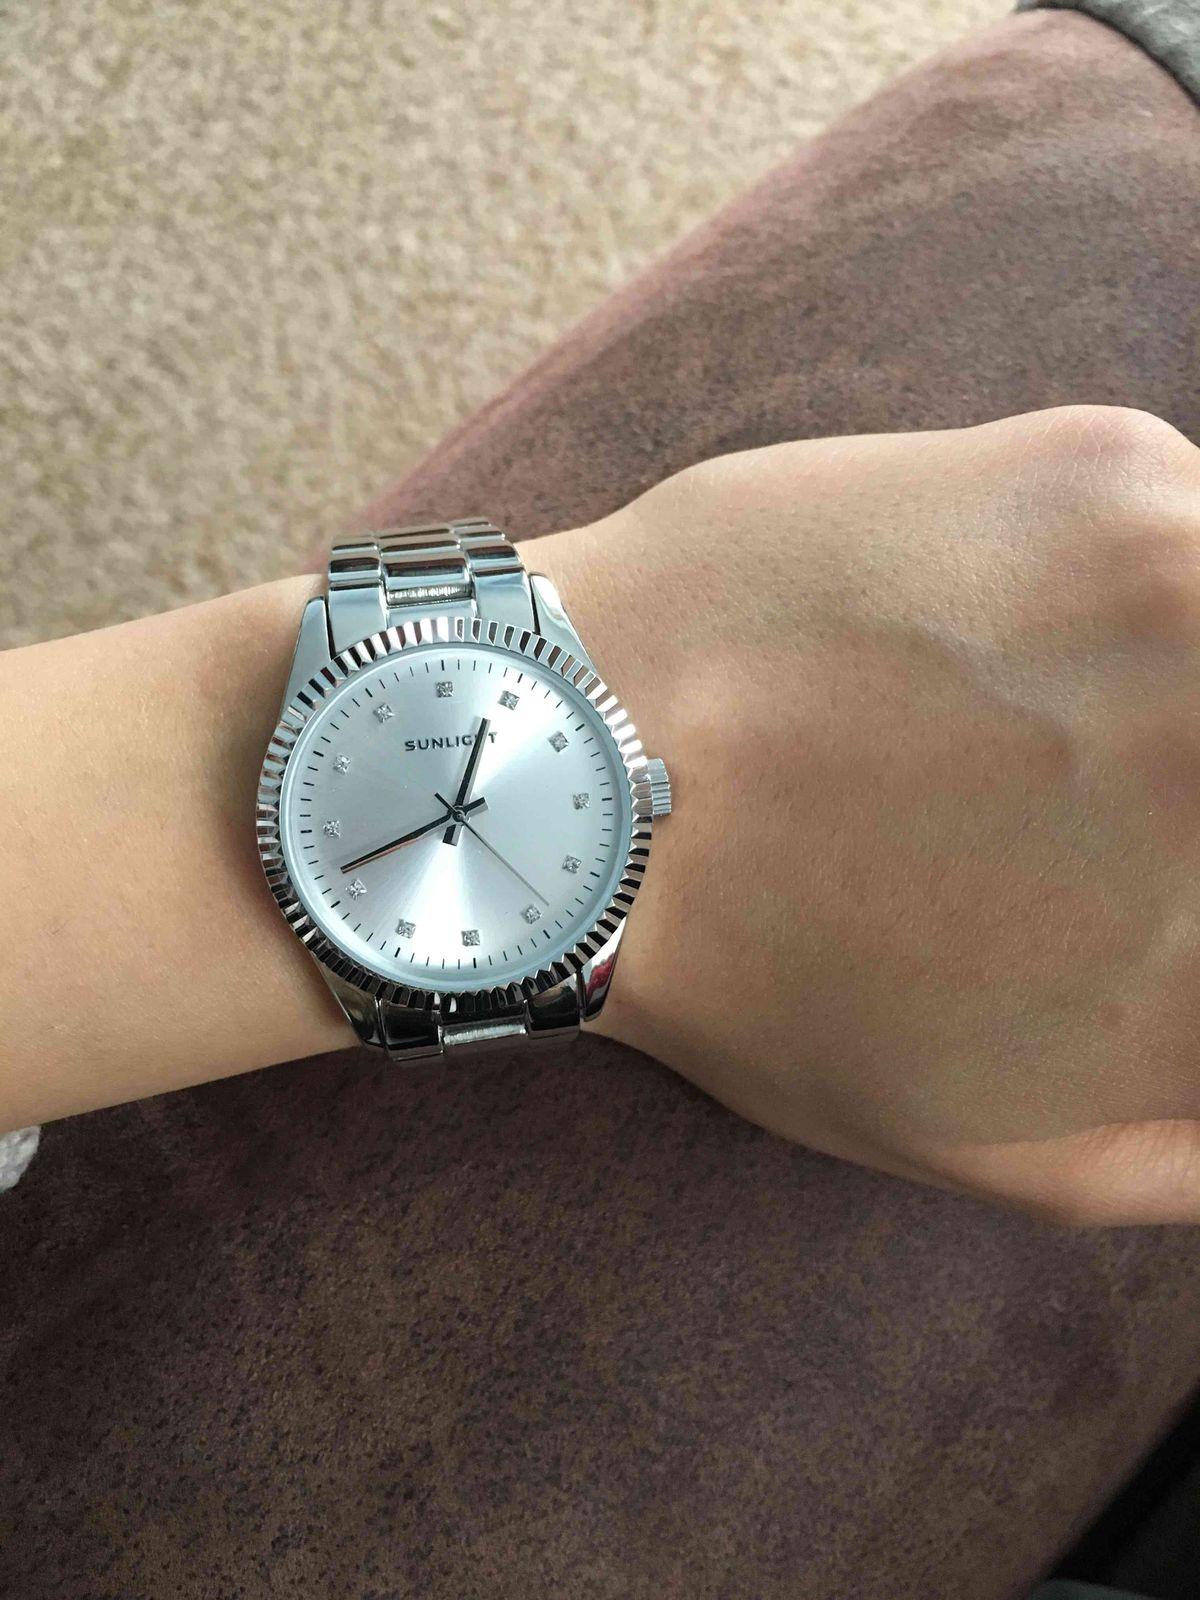 Часы очень элегантные , смотрятся на руке очень аккуратно